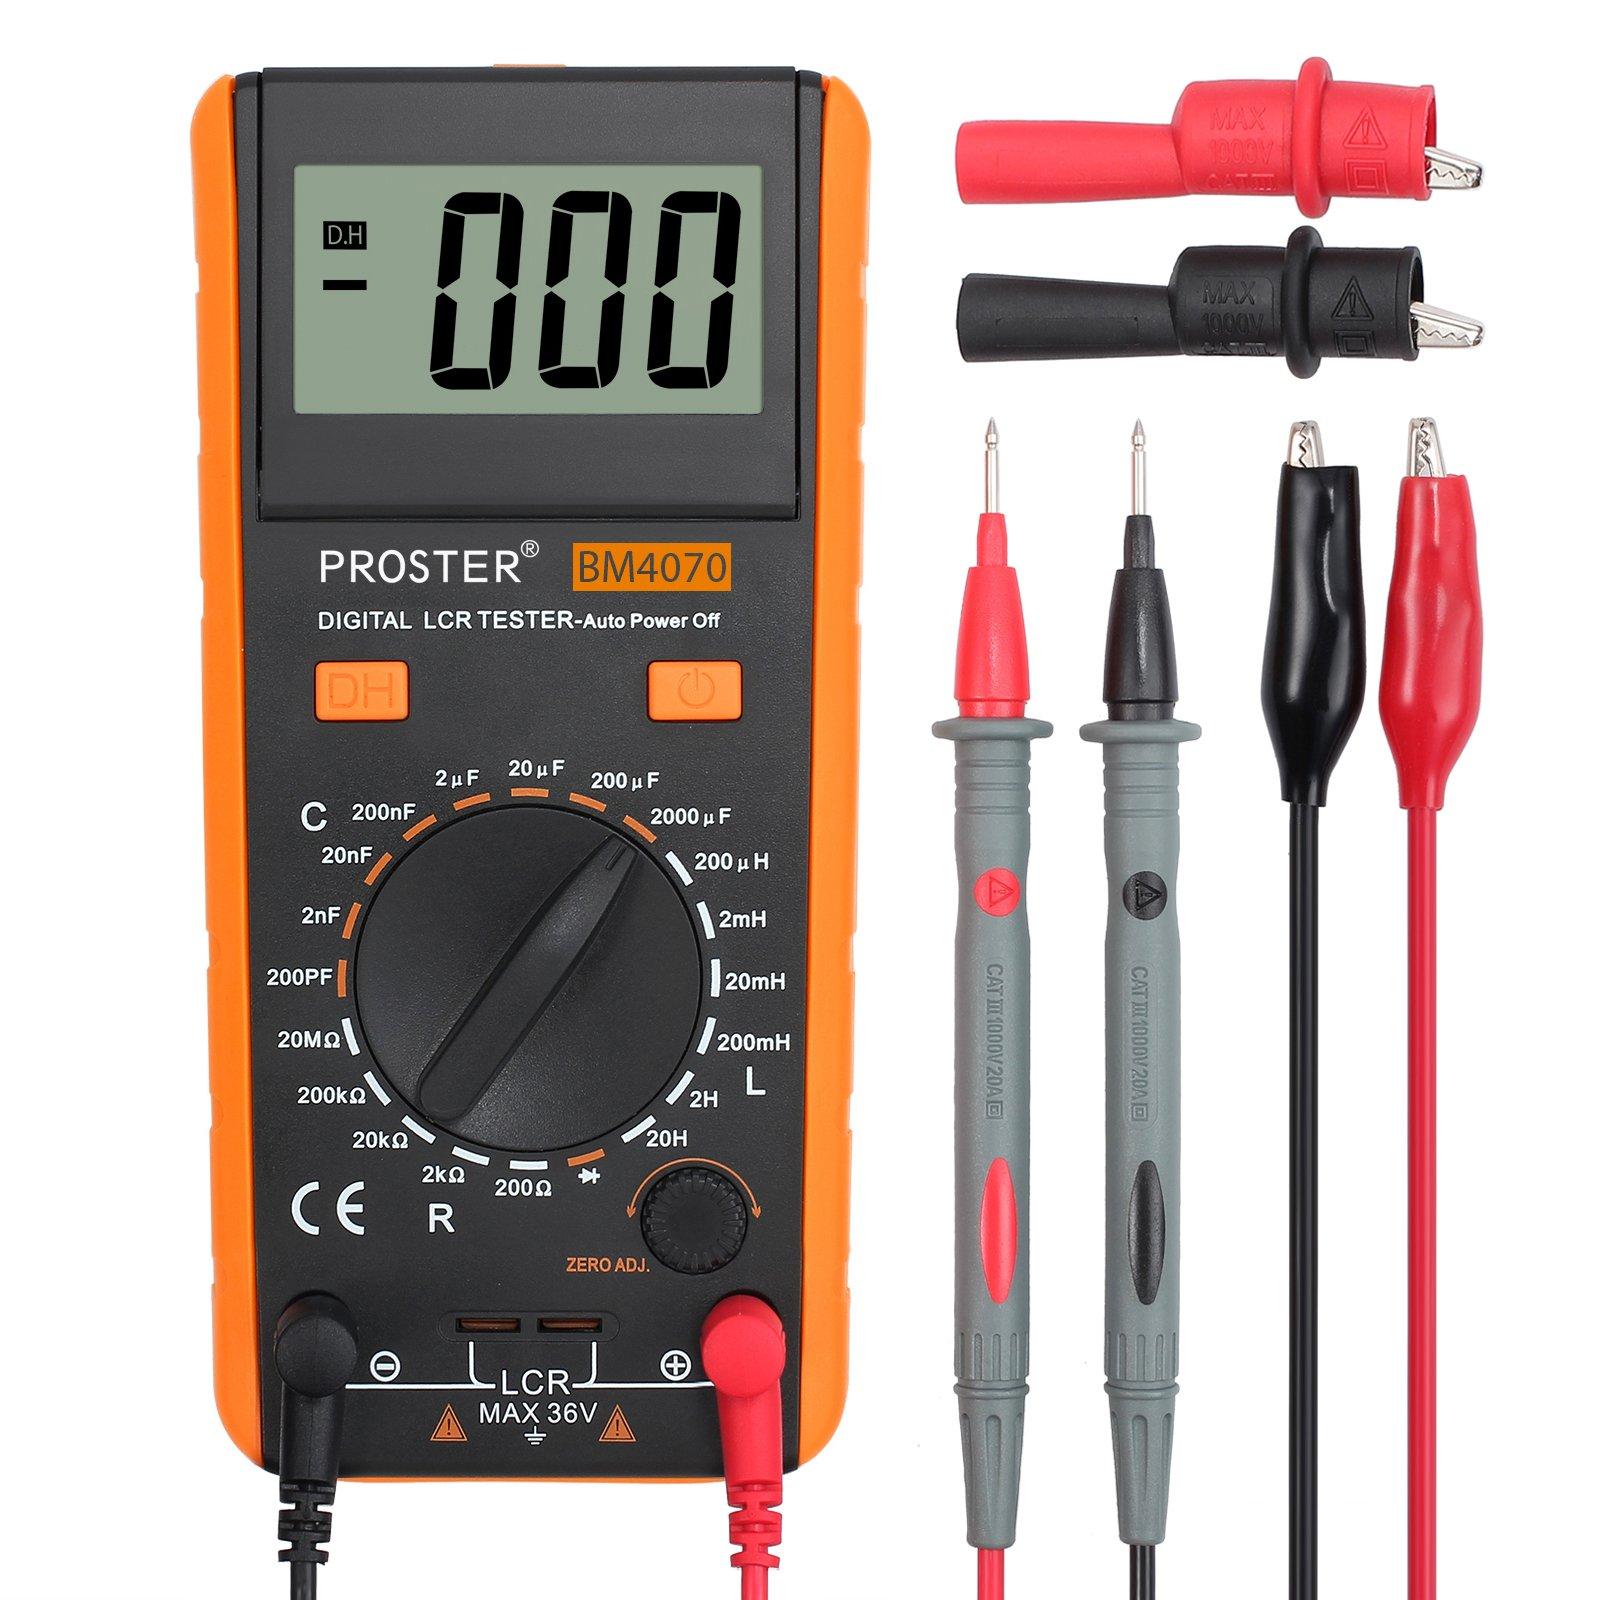 LCR Medidor De Capacitancia Inductancia Resistencia Continuidad Diodos Tester Digital Multimetro Autodescarga con Gran Pantalla LCD